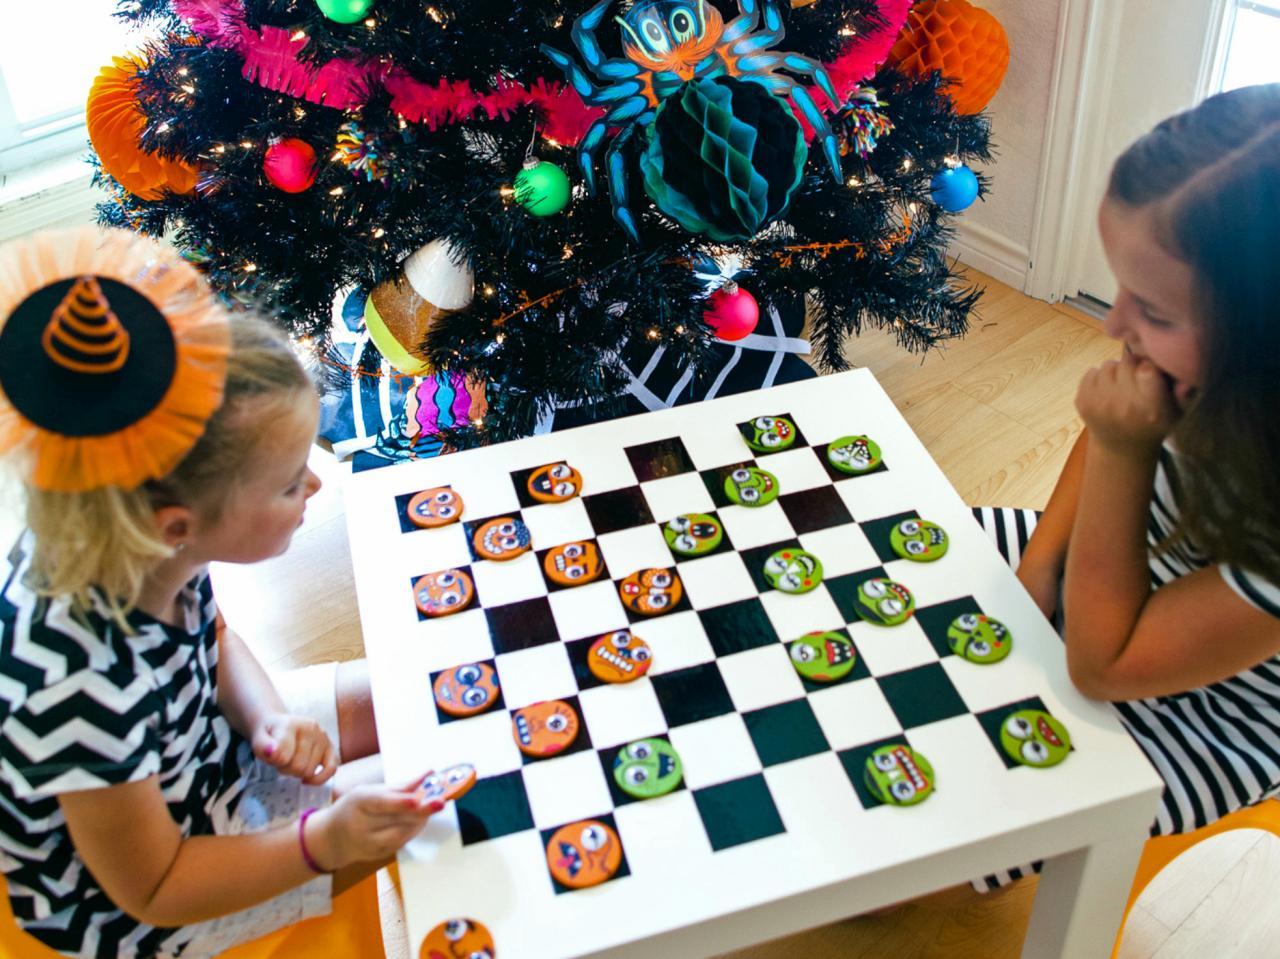 jocuri pentru copii mari şi mici: jocuri si activitati la petrecerea